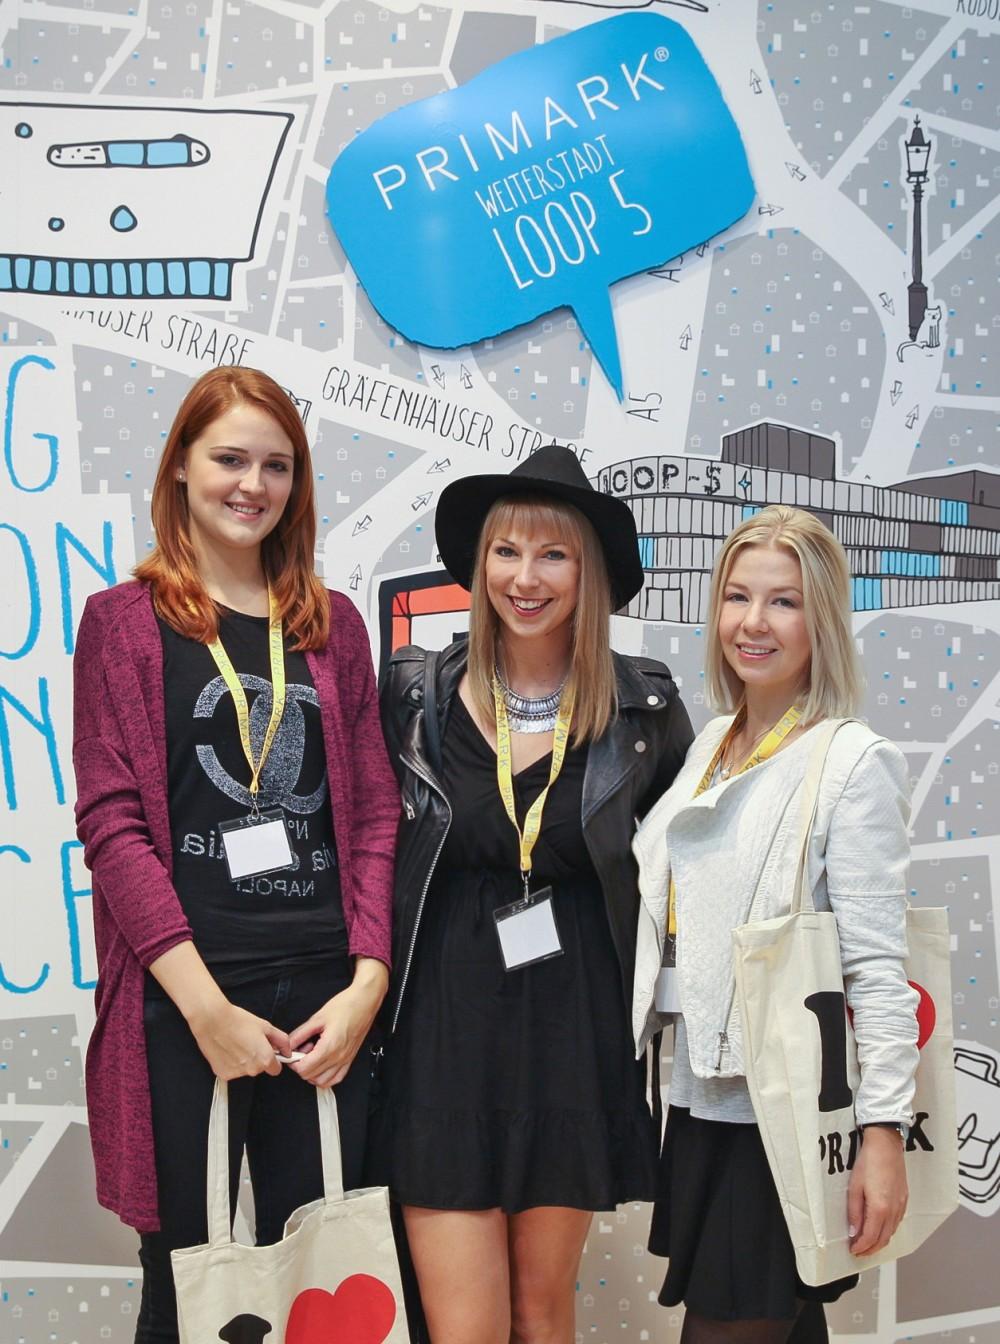 Primark Eröffnung Fashionblogger Gewinner Loop5 Weiterstadt